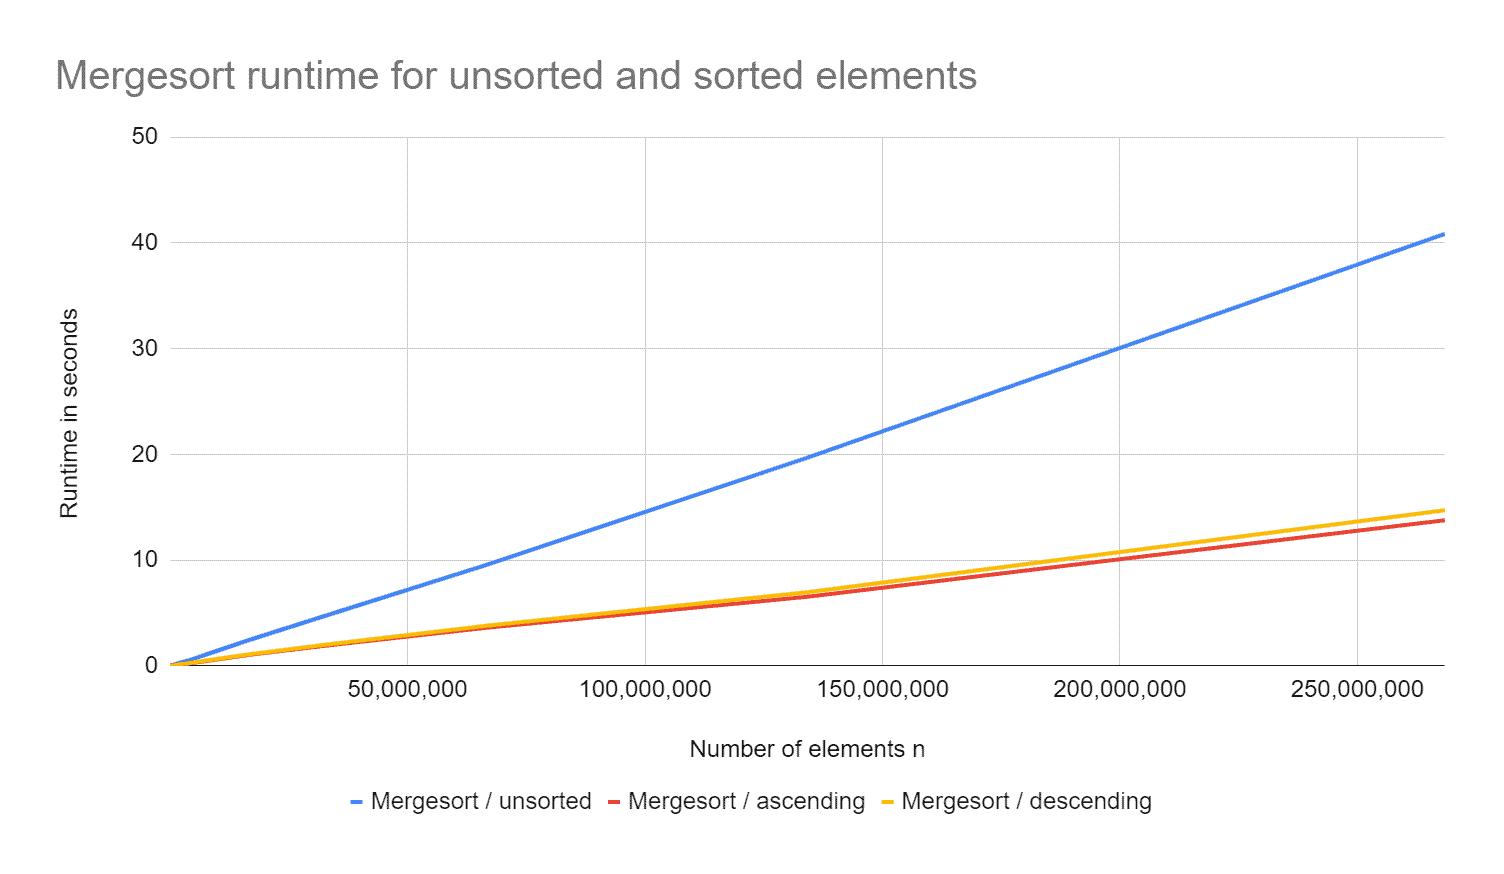 Mergesort Laufzeit für sortierte und unsortierte Elemente